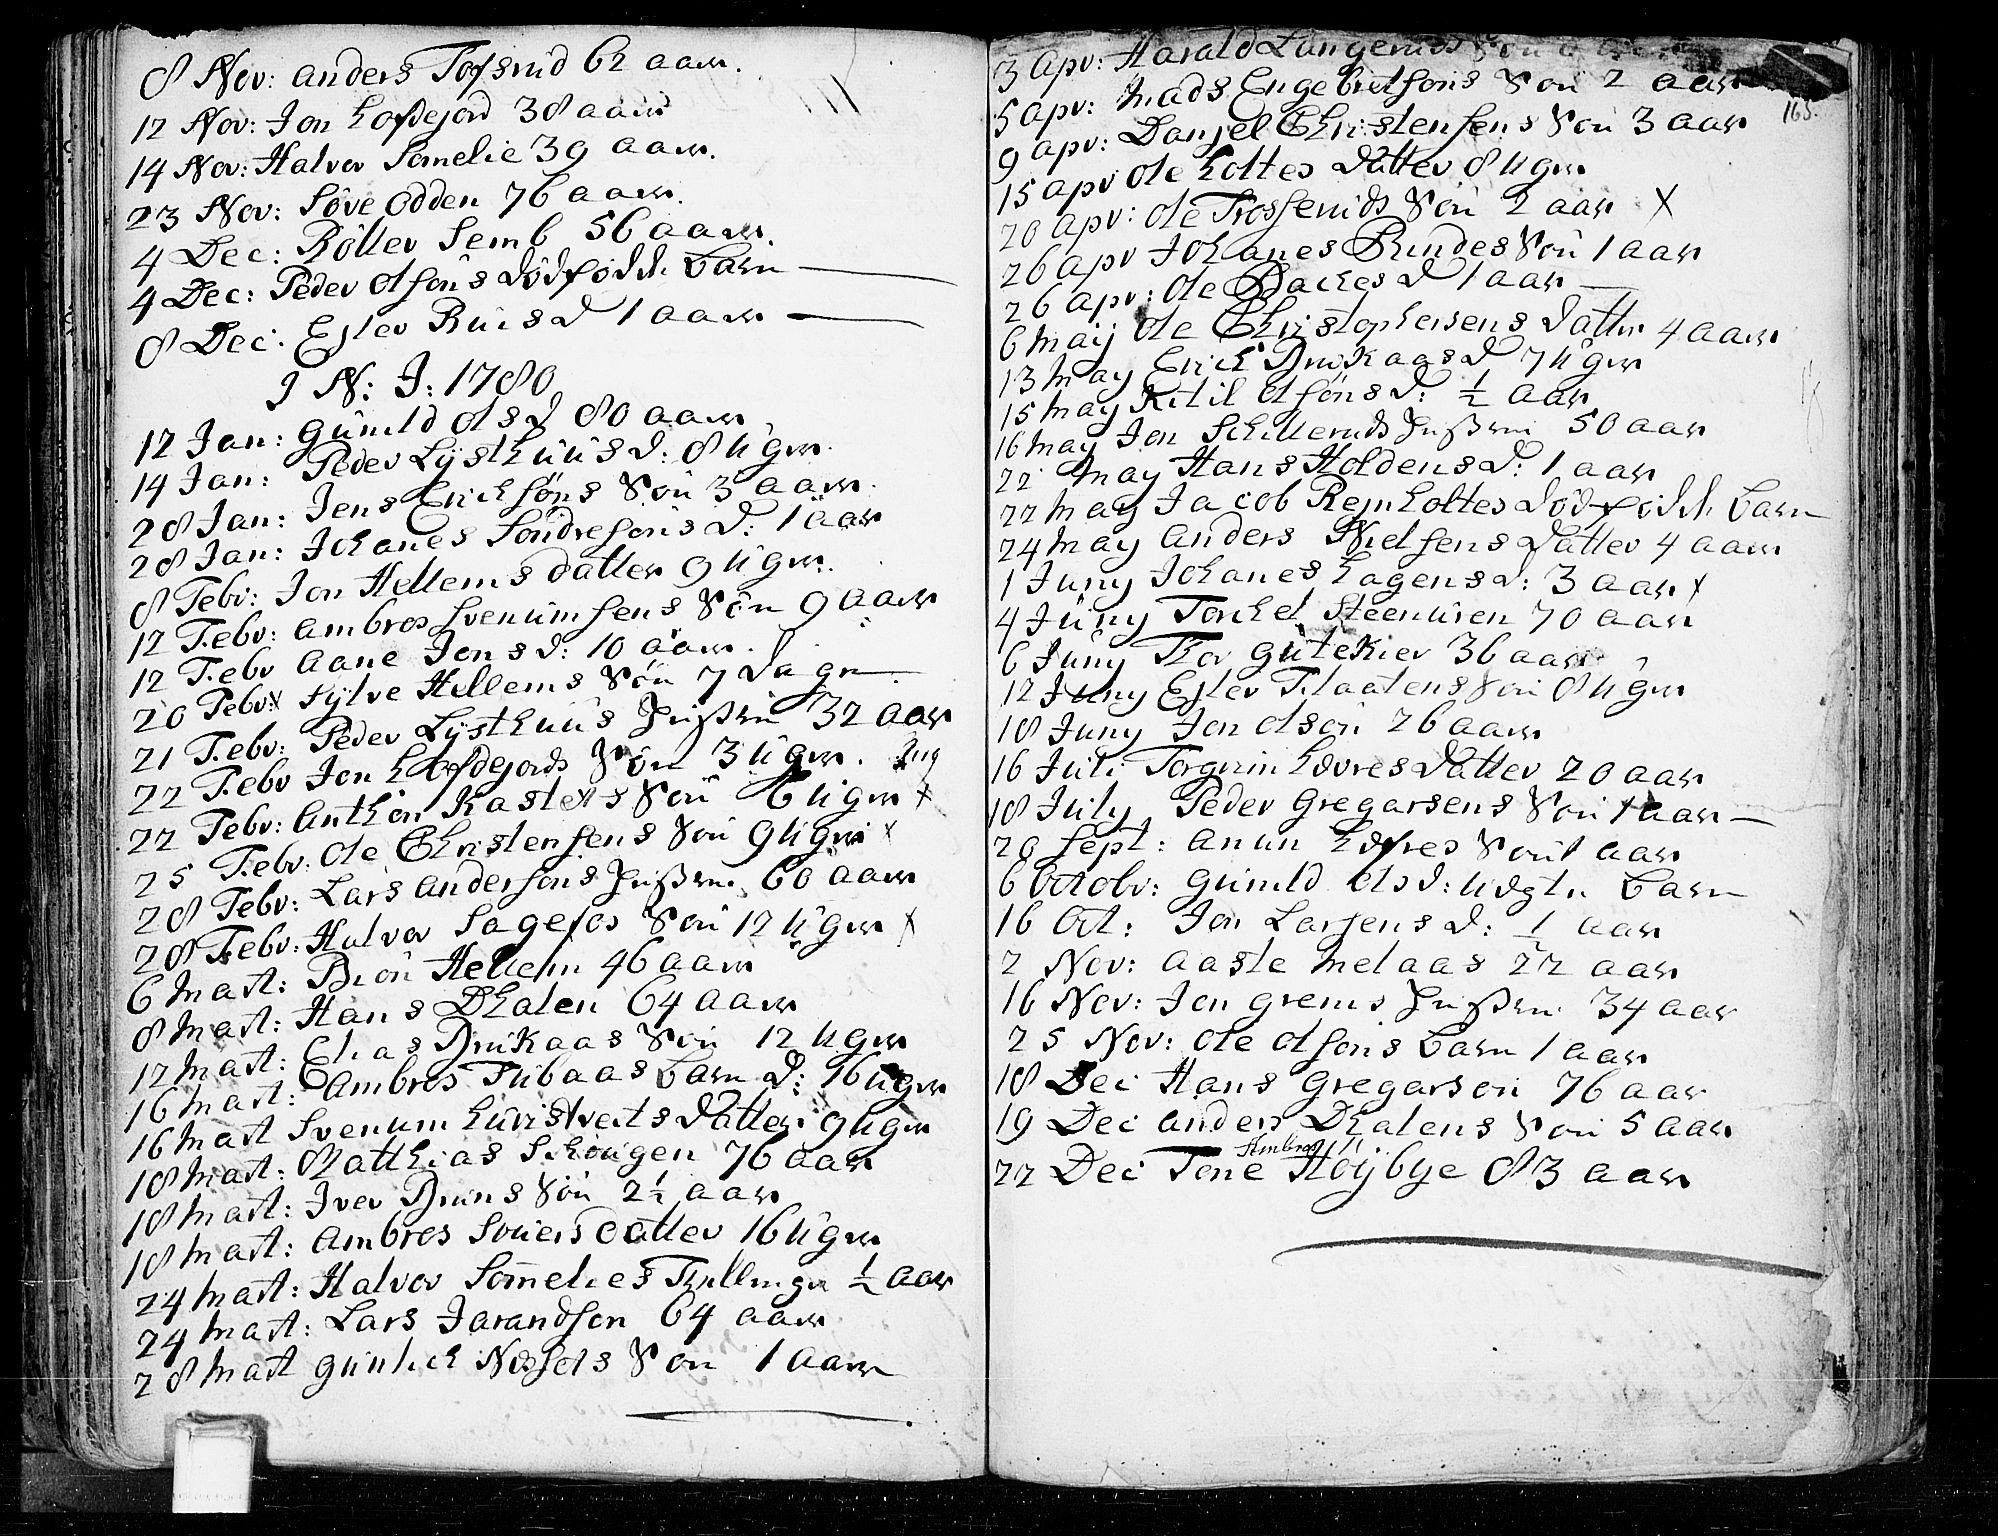 SAKO, Heddal kirkebøker, F/Fa/L0003: Ministerialbok nr. I 3, 1723-1783, s. 165